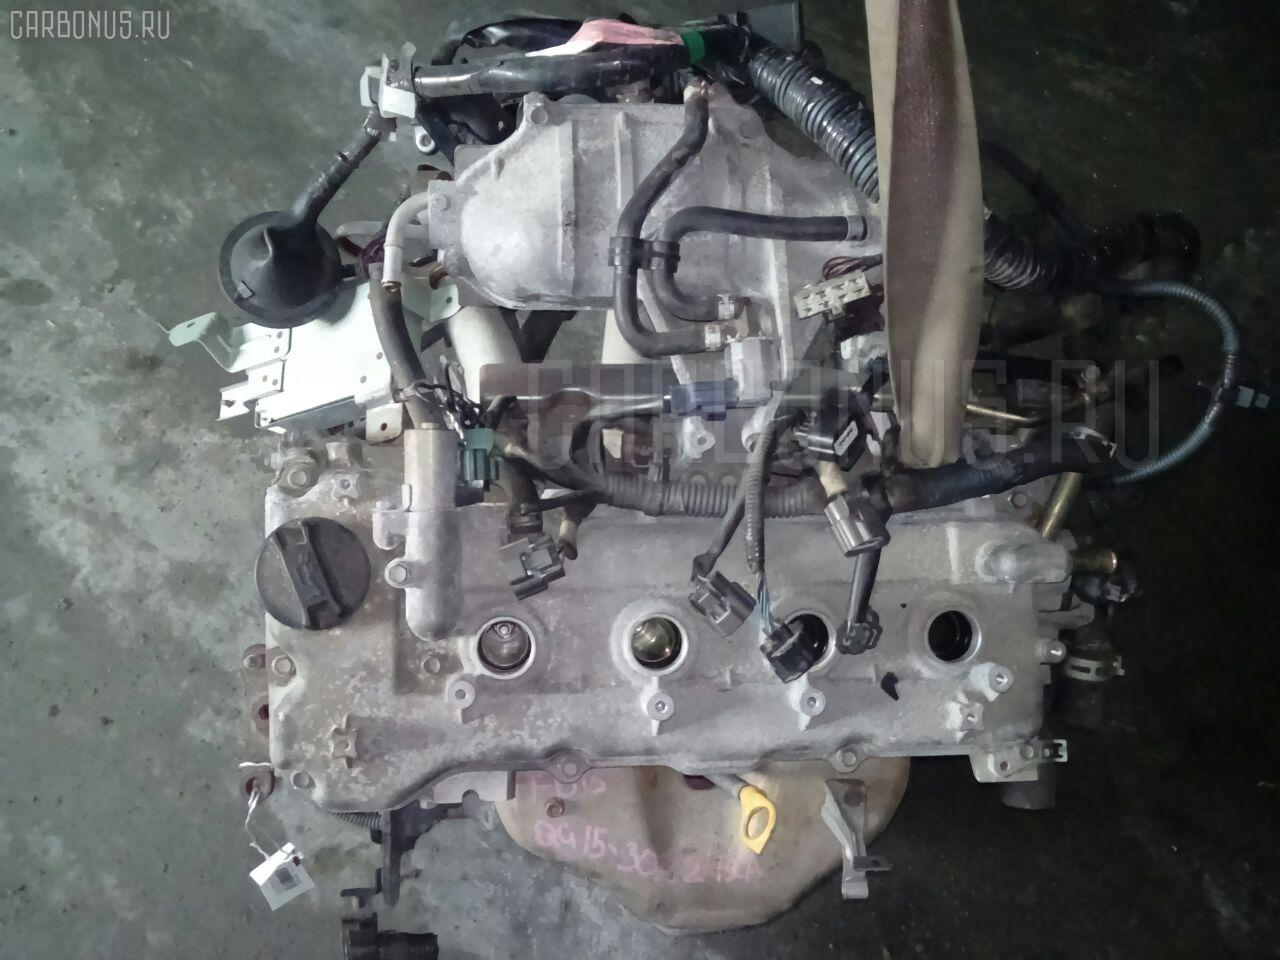 Двигатель NISSAN SUNNY FB15 QG15DE Фото 9